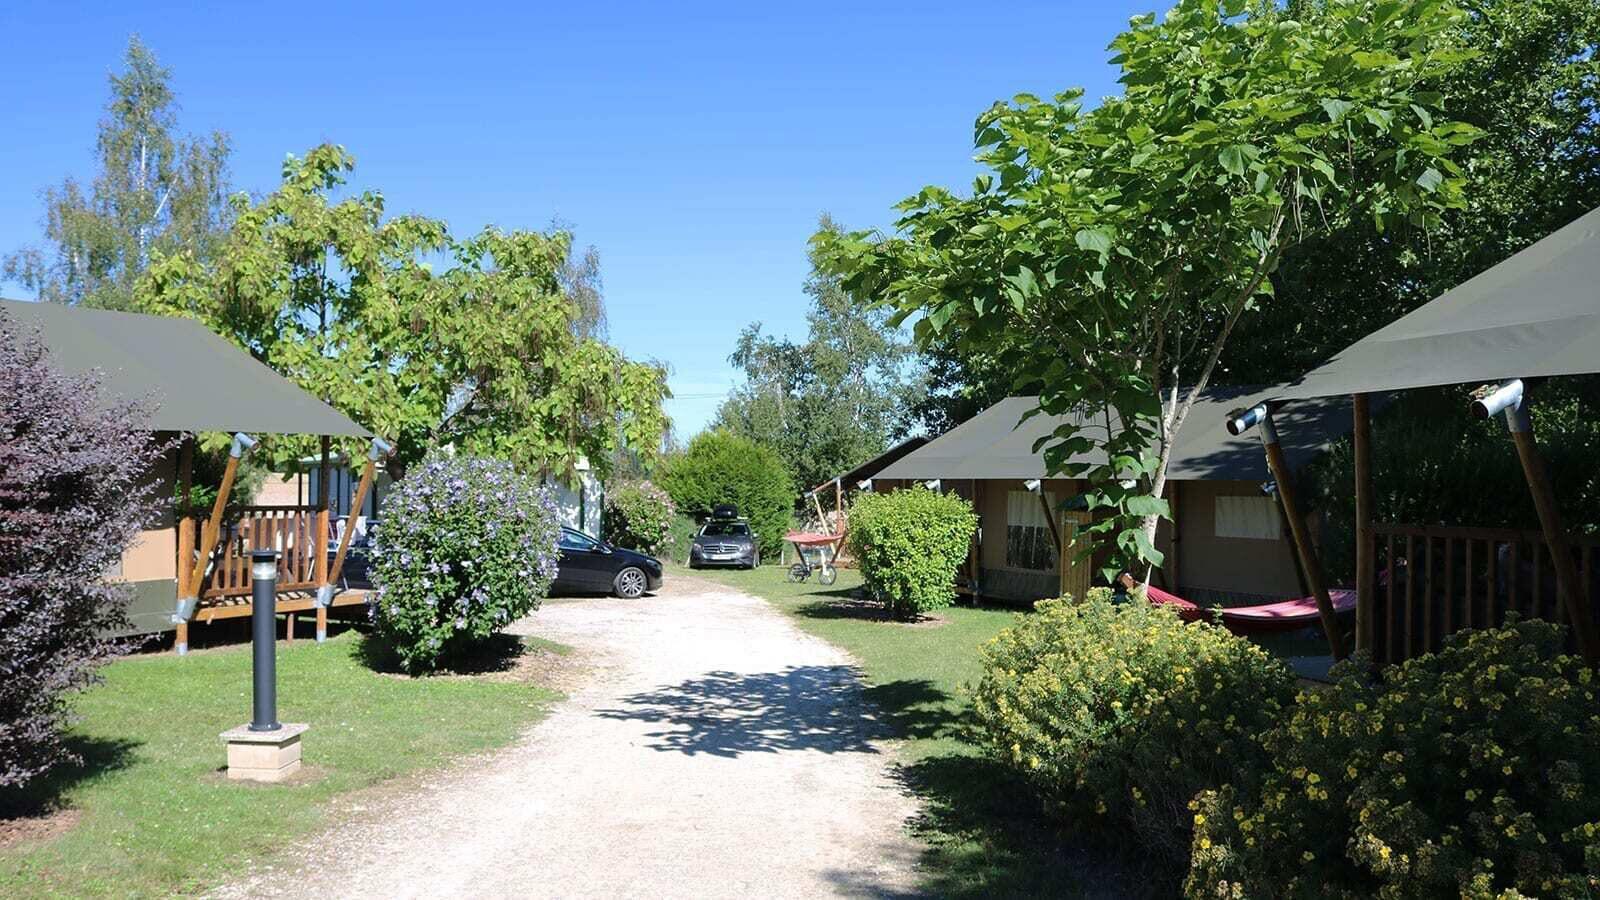 Campsite - Les Bois du Bardelet